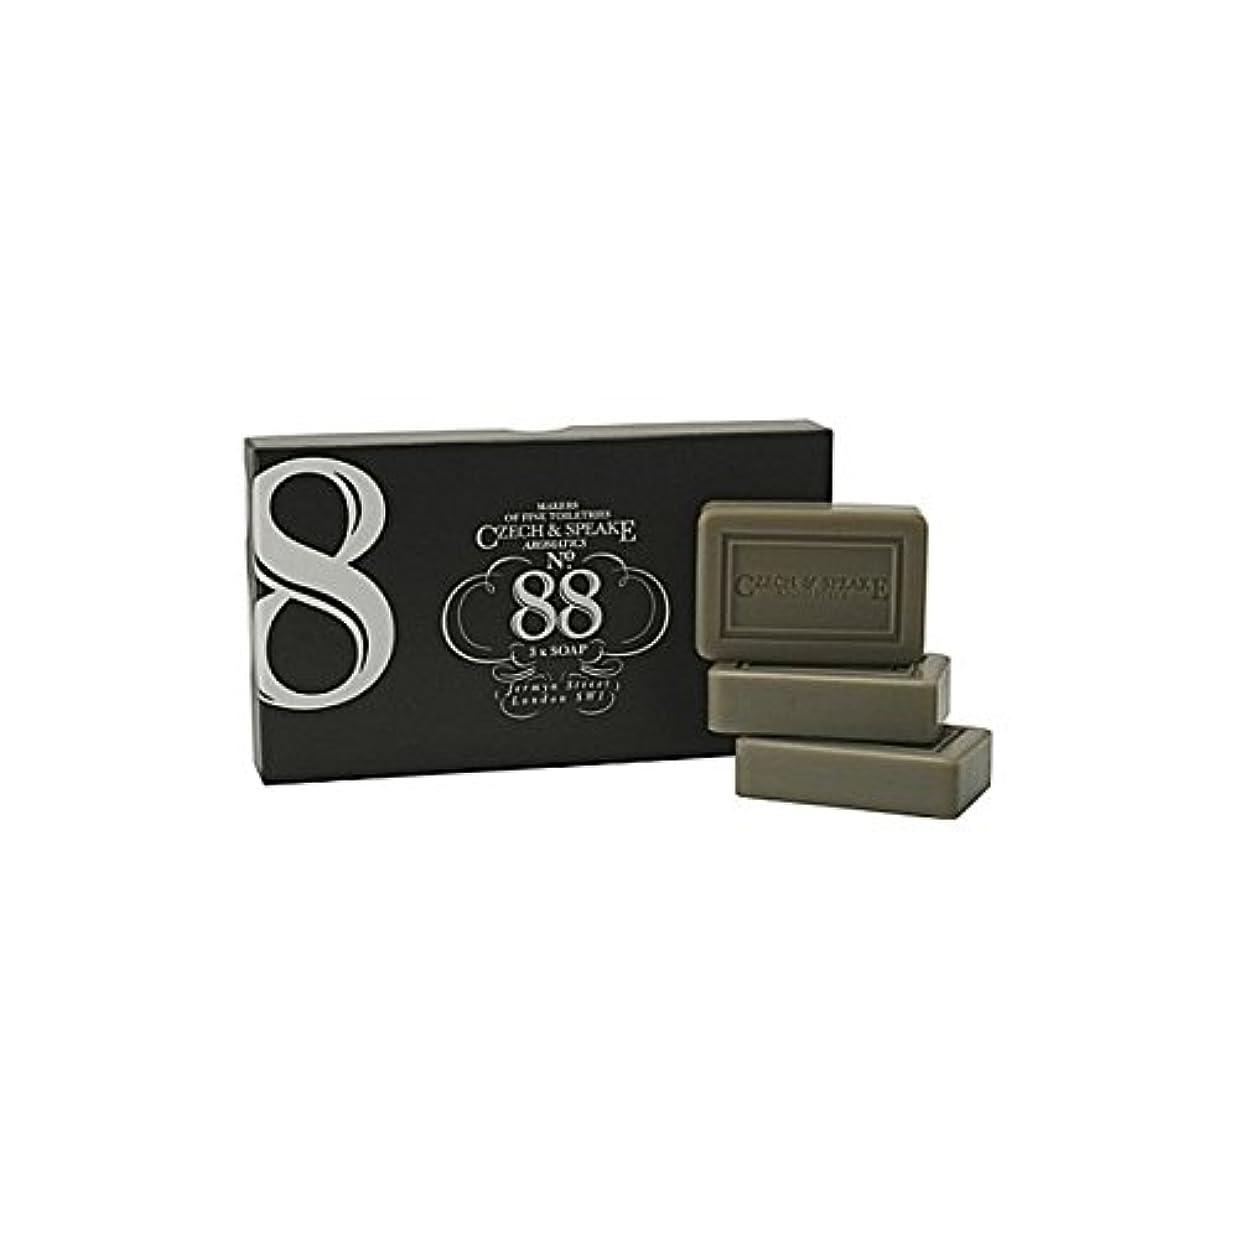 速記目の前の木材チェコ&スピーク.88ソープセット x4 - Czech & Speake No.88 Soap Set (Pack of 4) [並行輸入品]